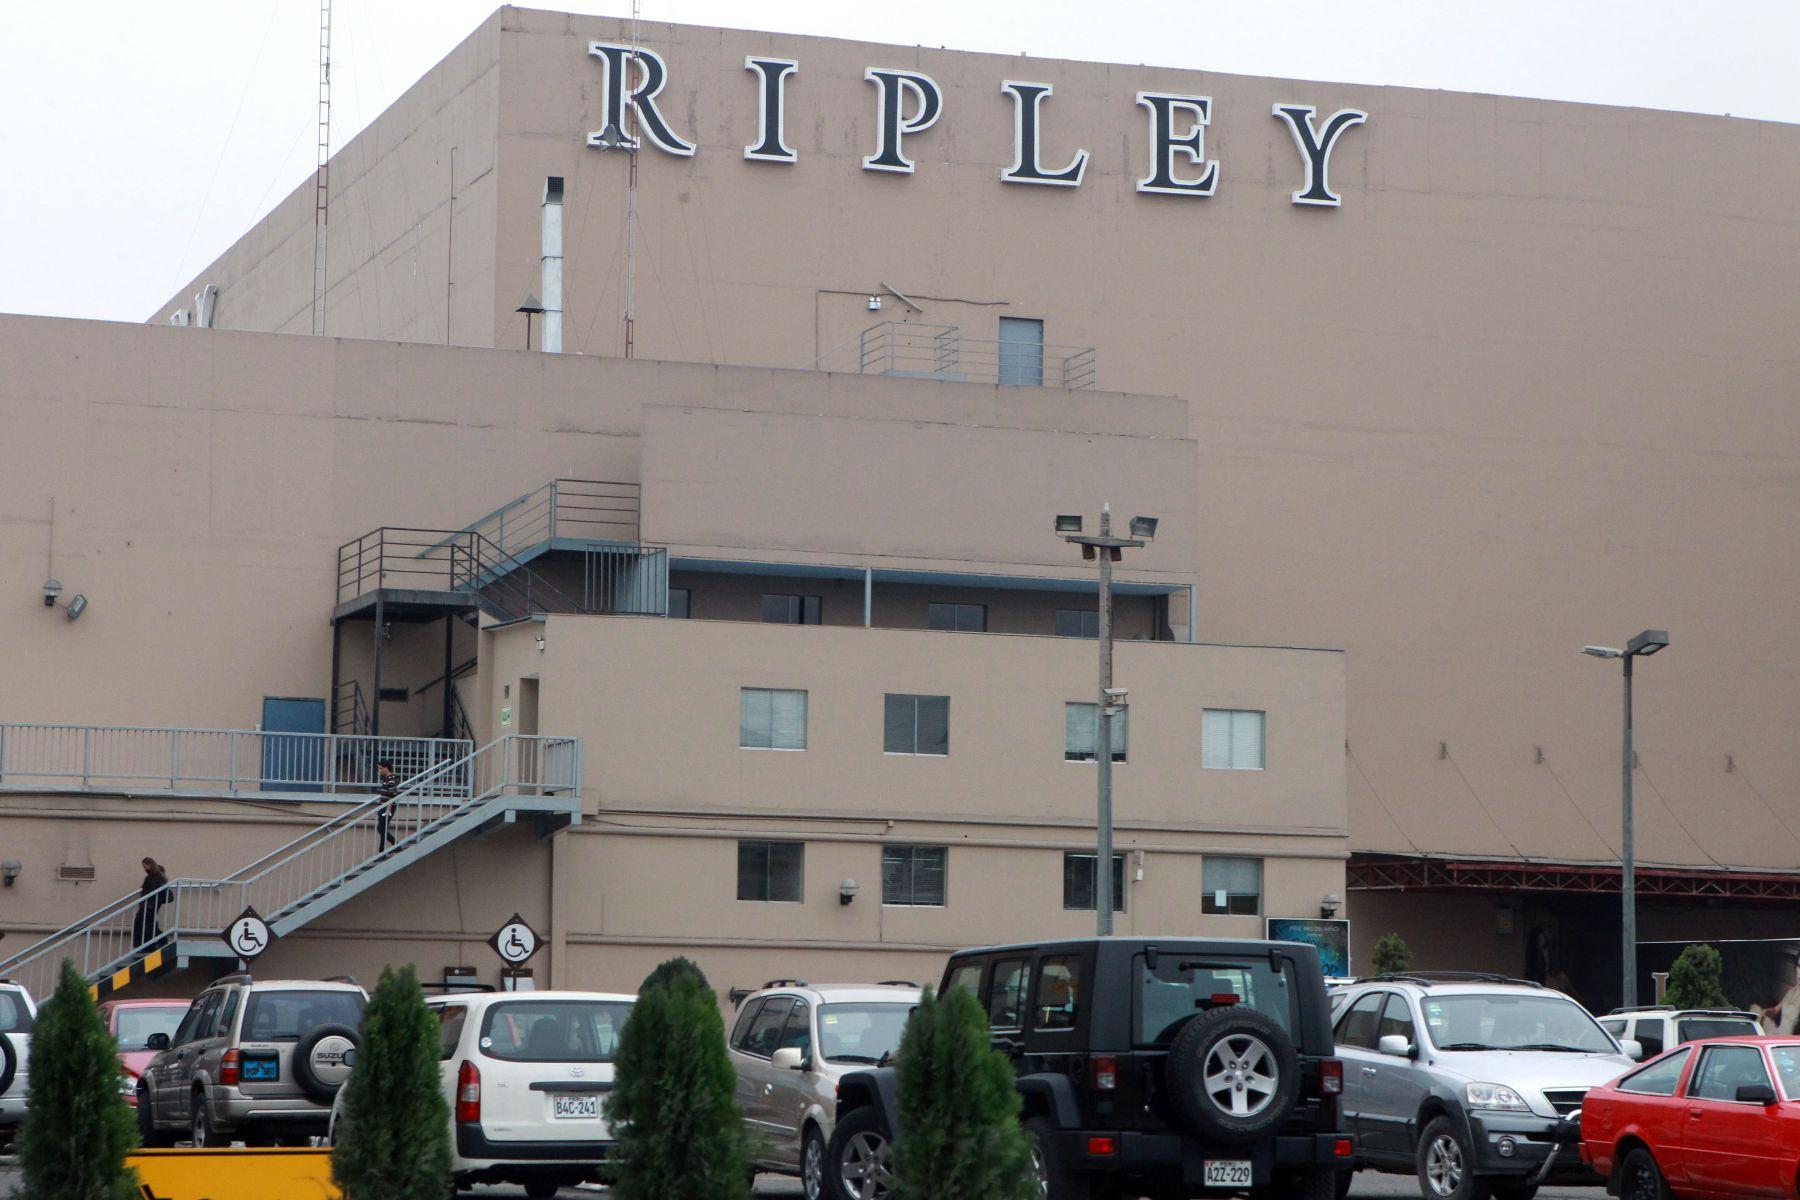 Sindicato de Ripley asegura que no cederá en propuesta de aumento de sueldo a los trabajadores. ANDINA/Archivo.